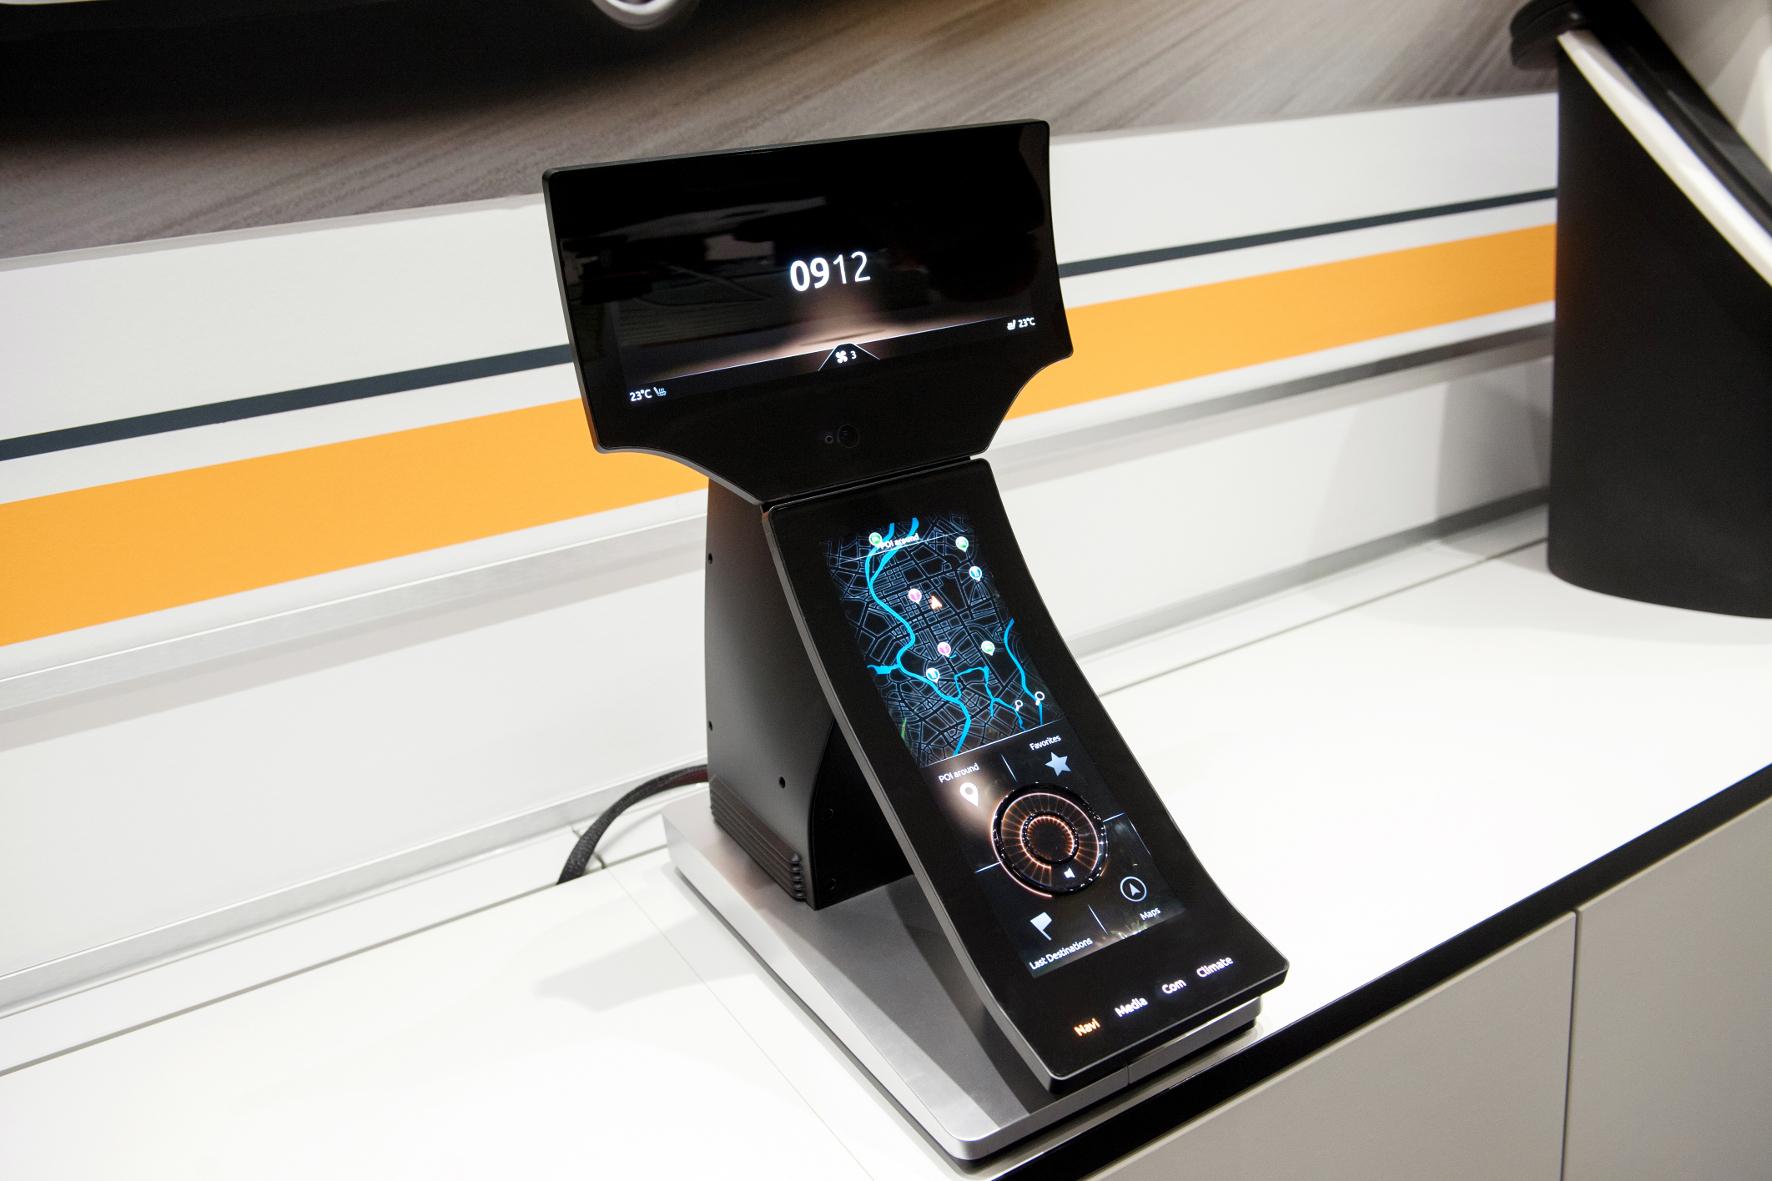 mid Groß-Gerau - Mittelkonsole mit Touchscreen und haptischen Rückmeldungen.